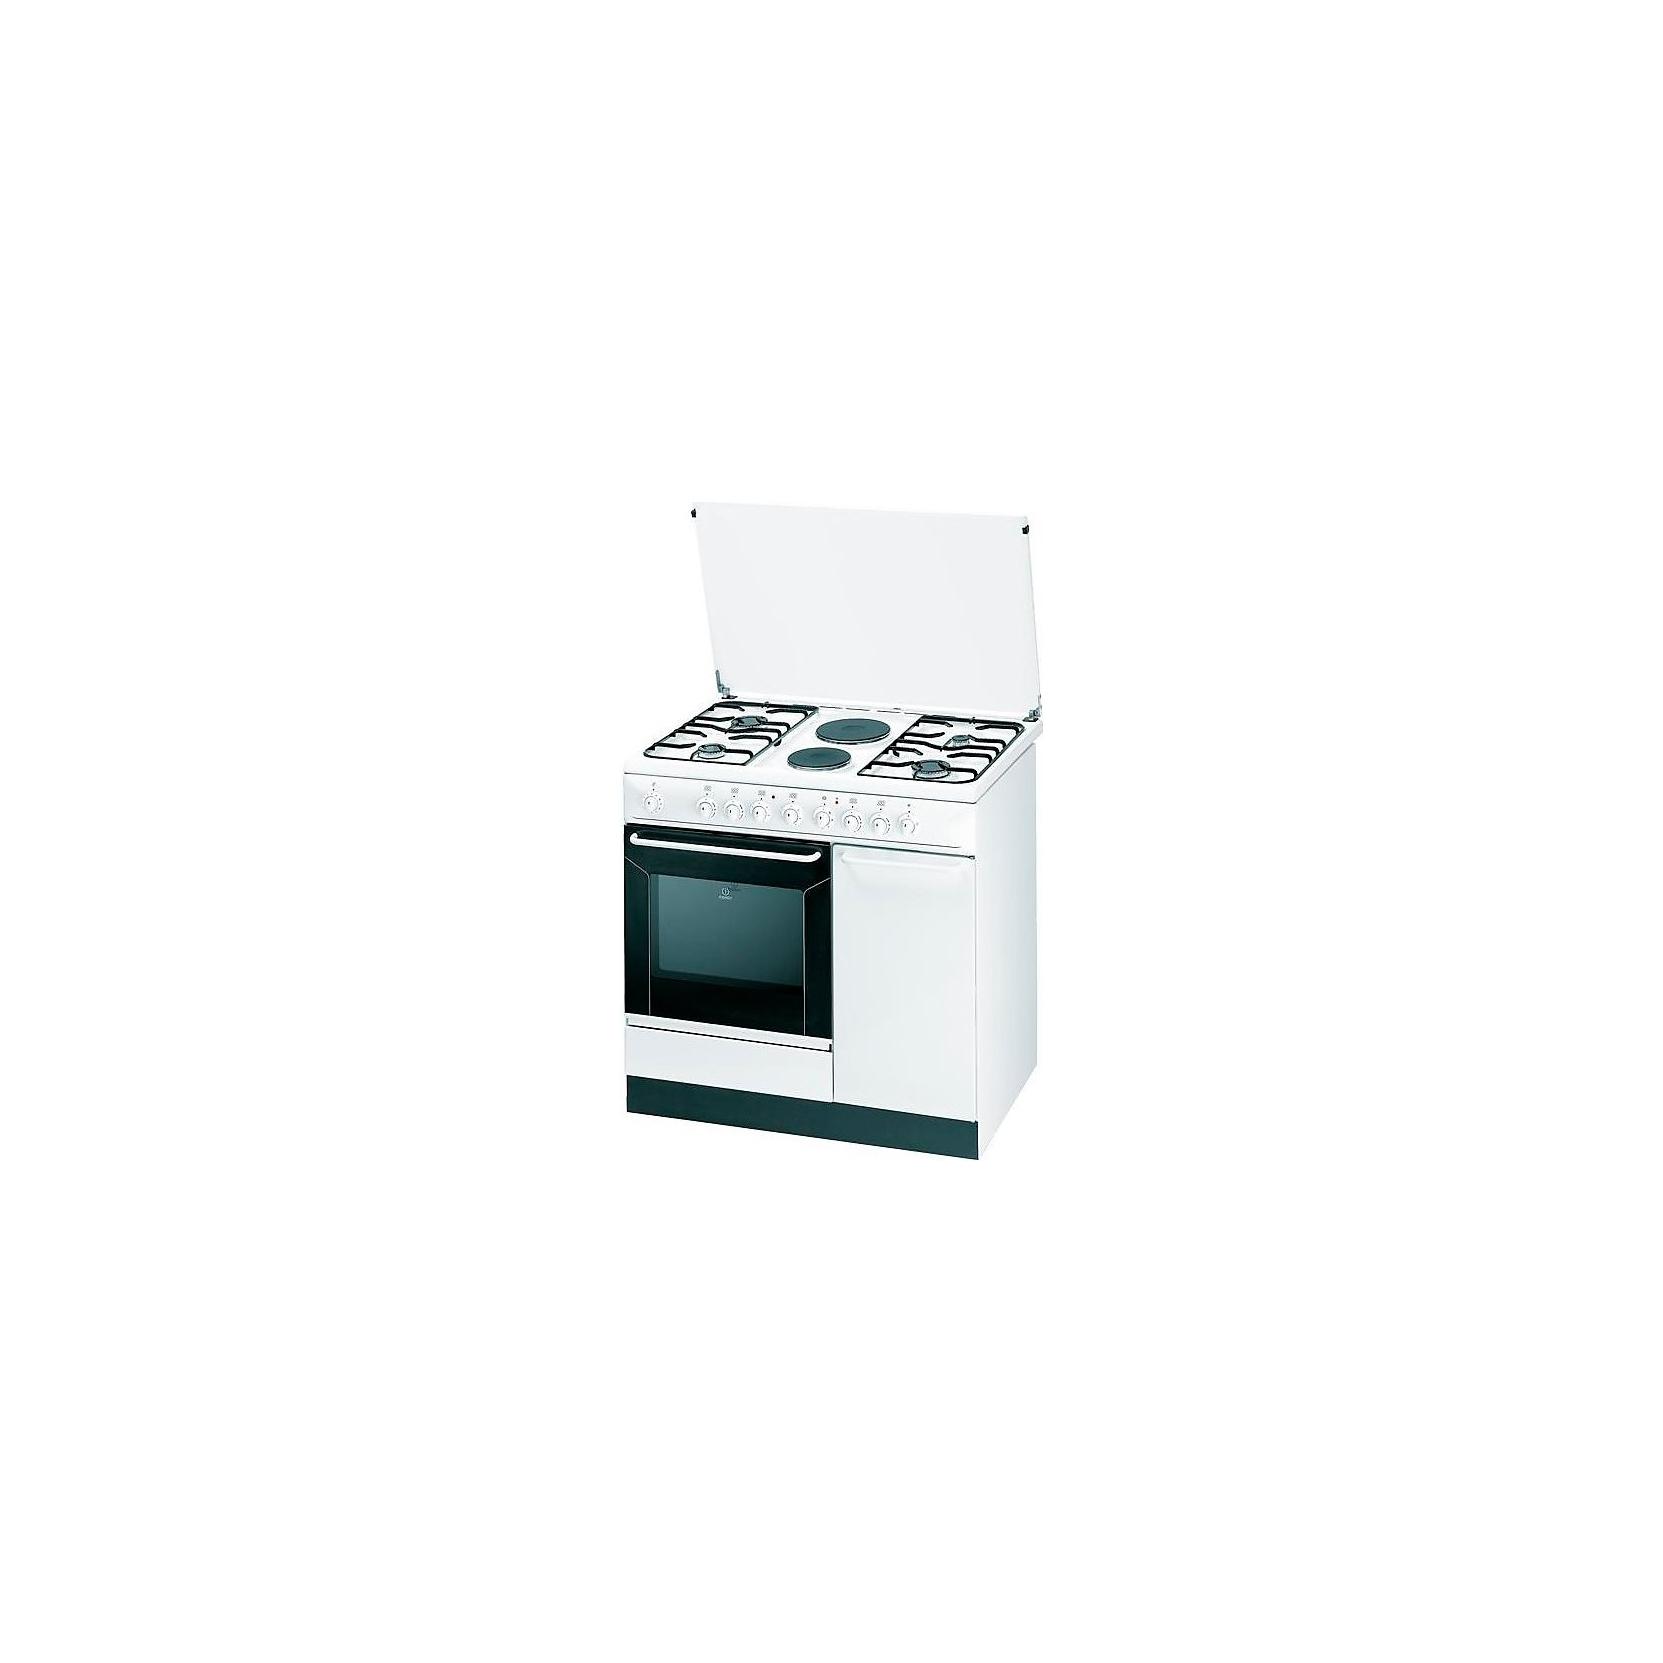 Cucina indesit k9b11sb w i con porta bombola 90x60 bianca - Cucine con piastre elettriche ...